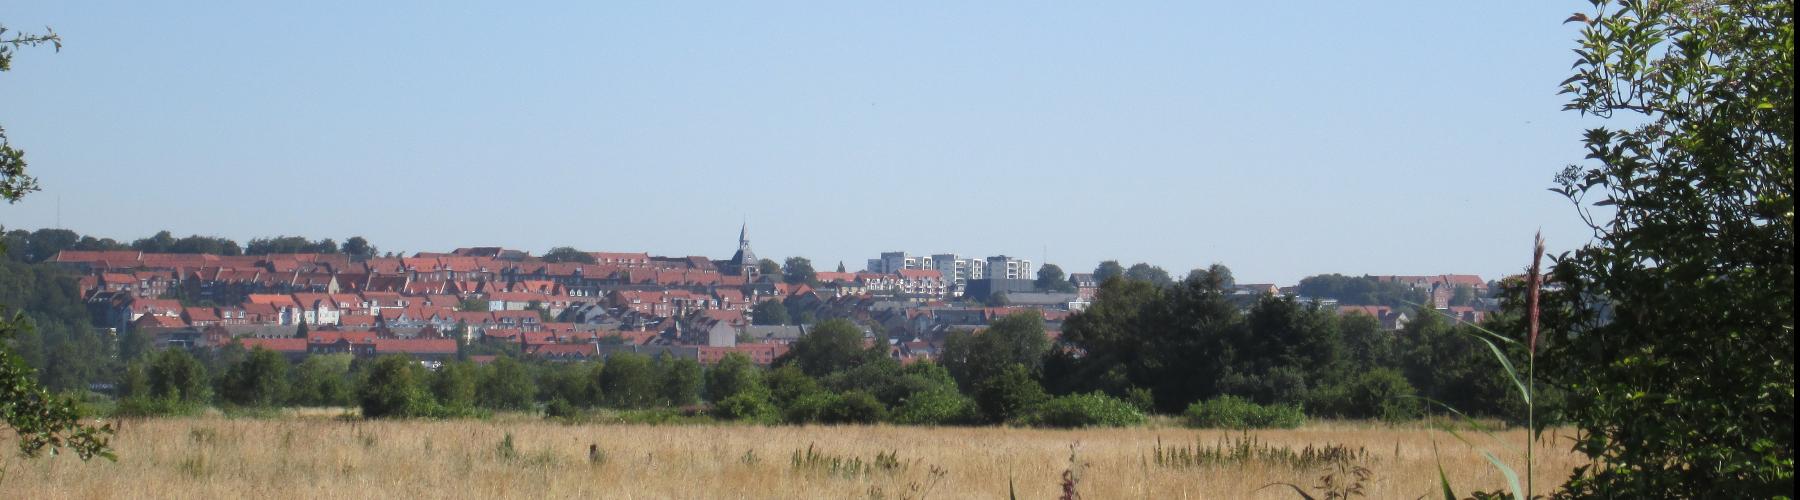 Randers Kommune cover image